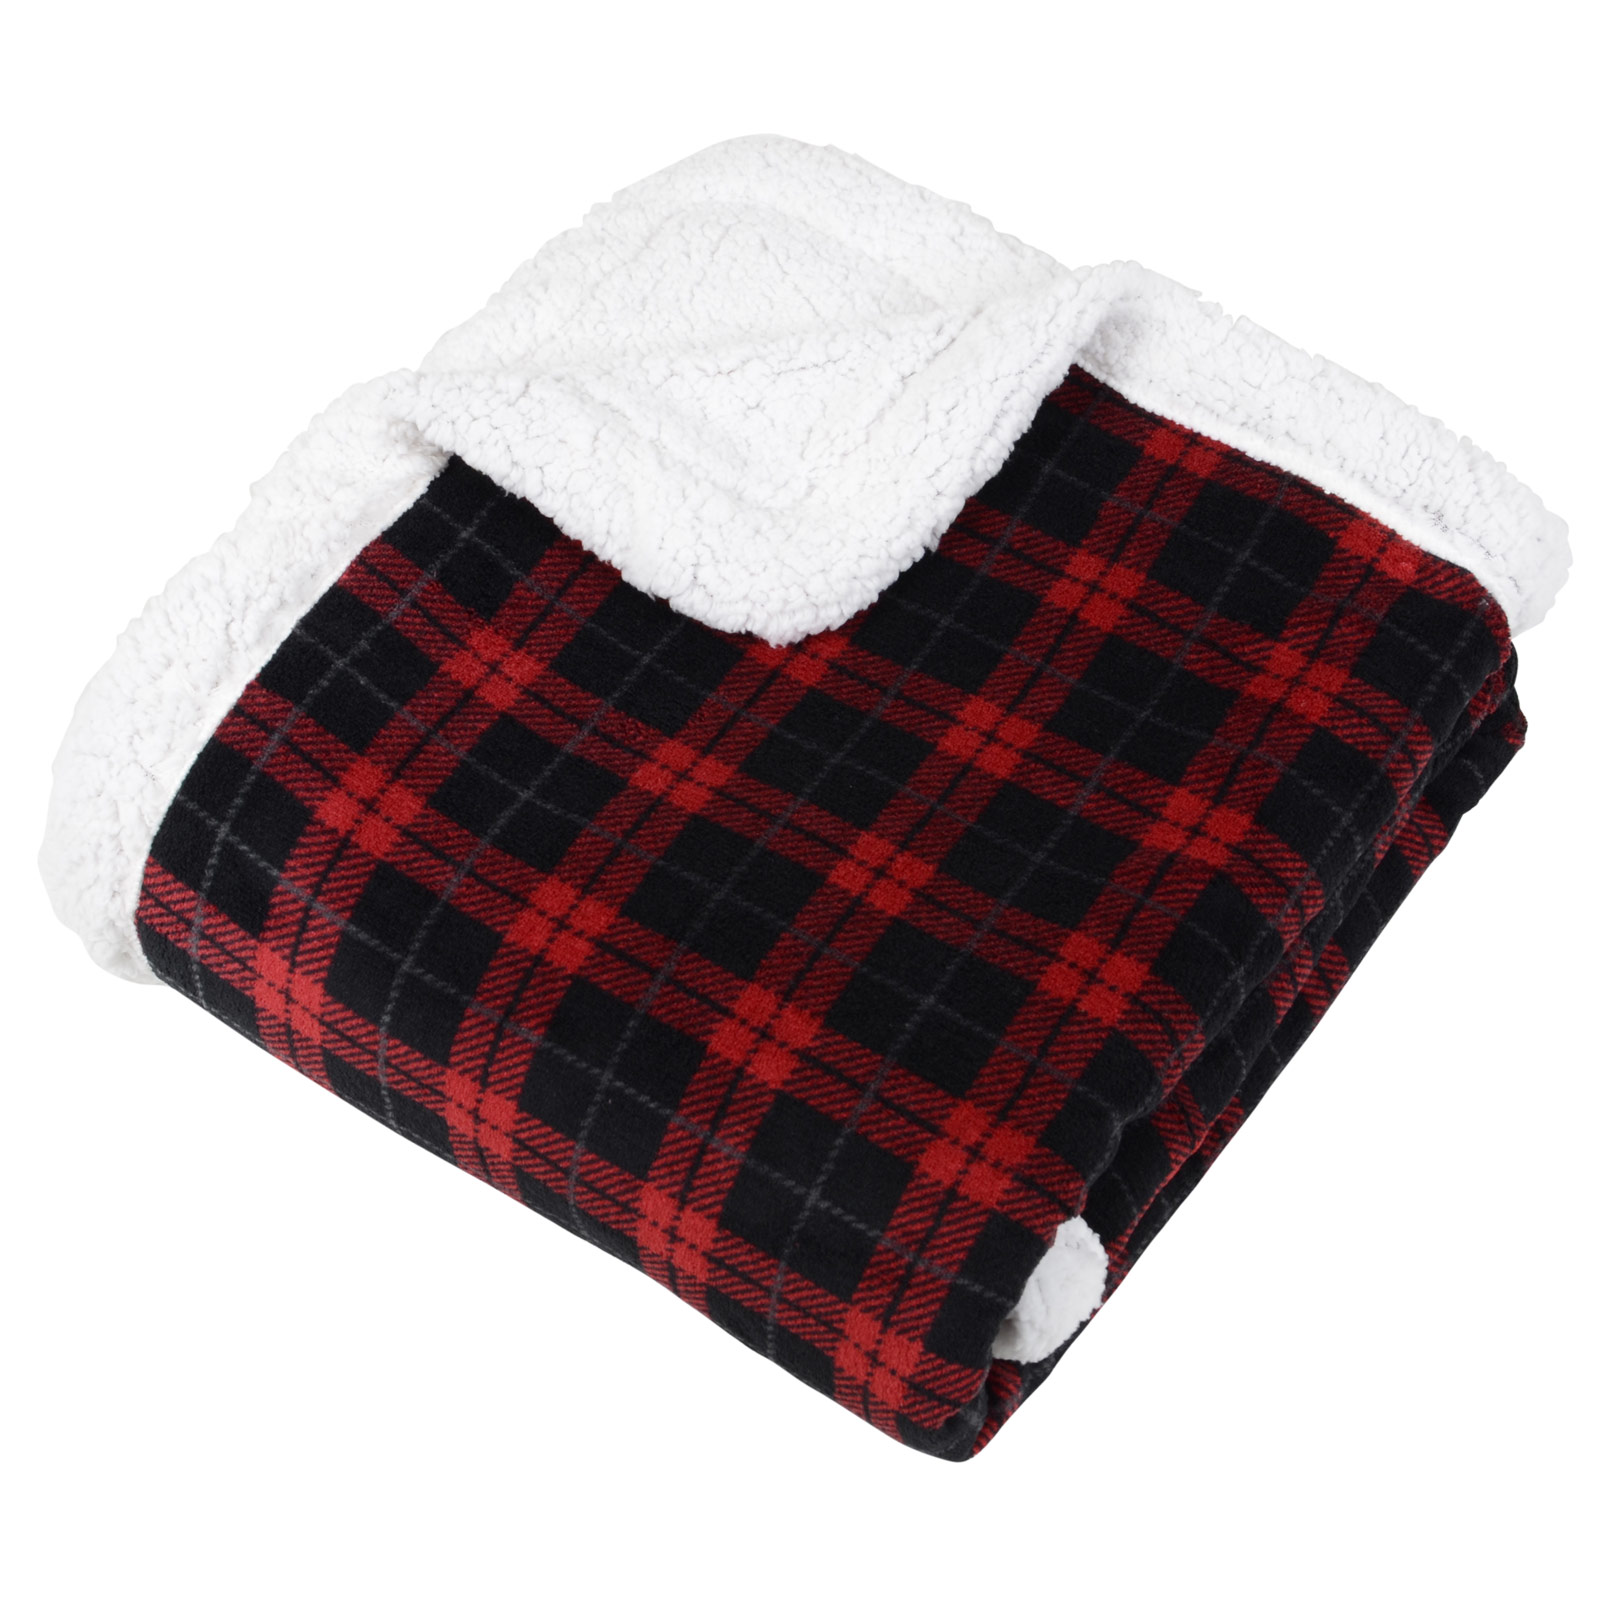 Tartan Check Warm Fleece Blanket Soft Sherpa Luxury